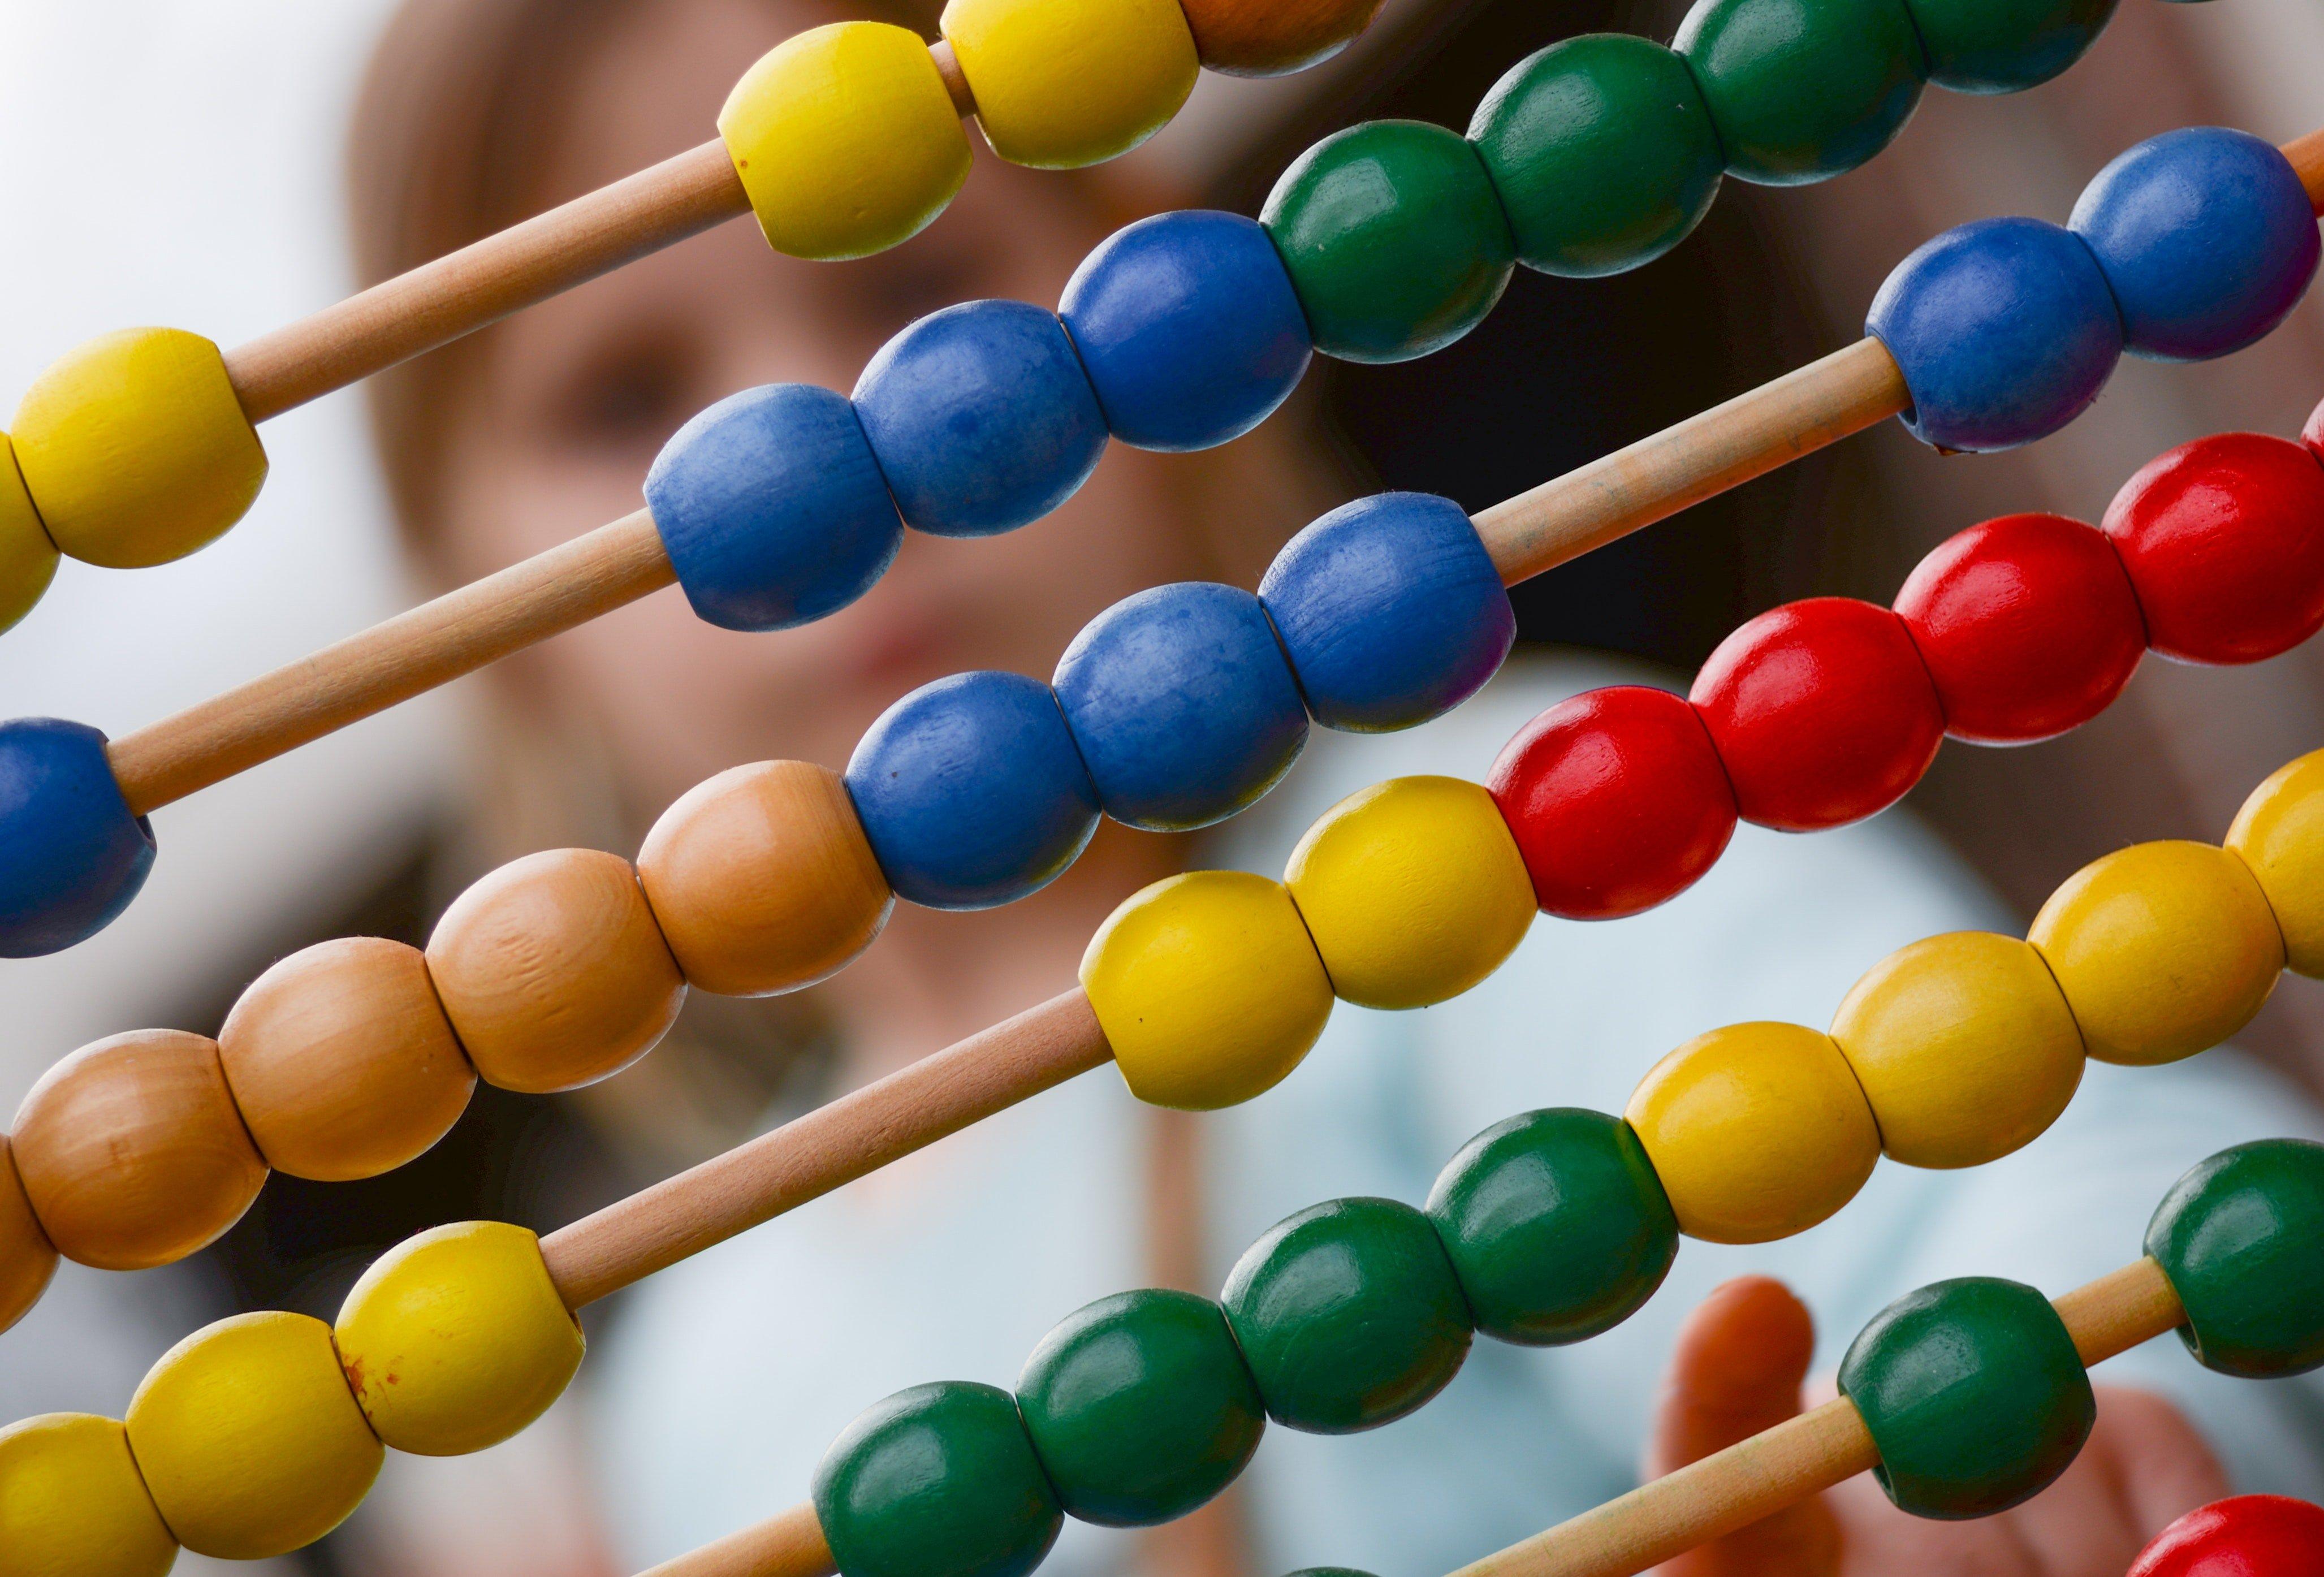 okul hayatı, matematik, matematiğin hayatımızdaki önemi, matematiğin faydaları, hayat okulu